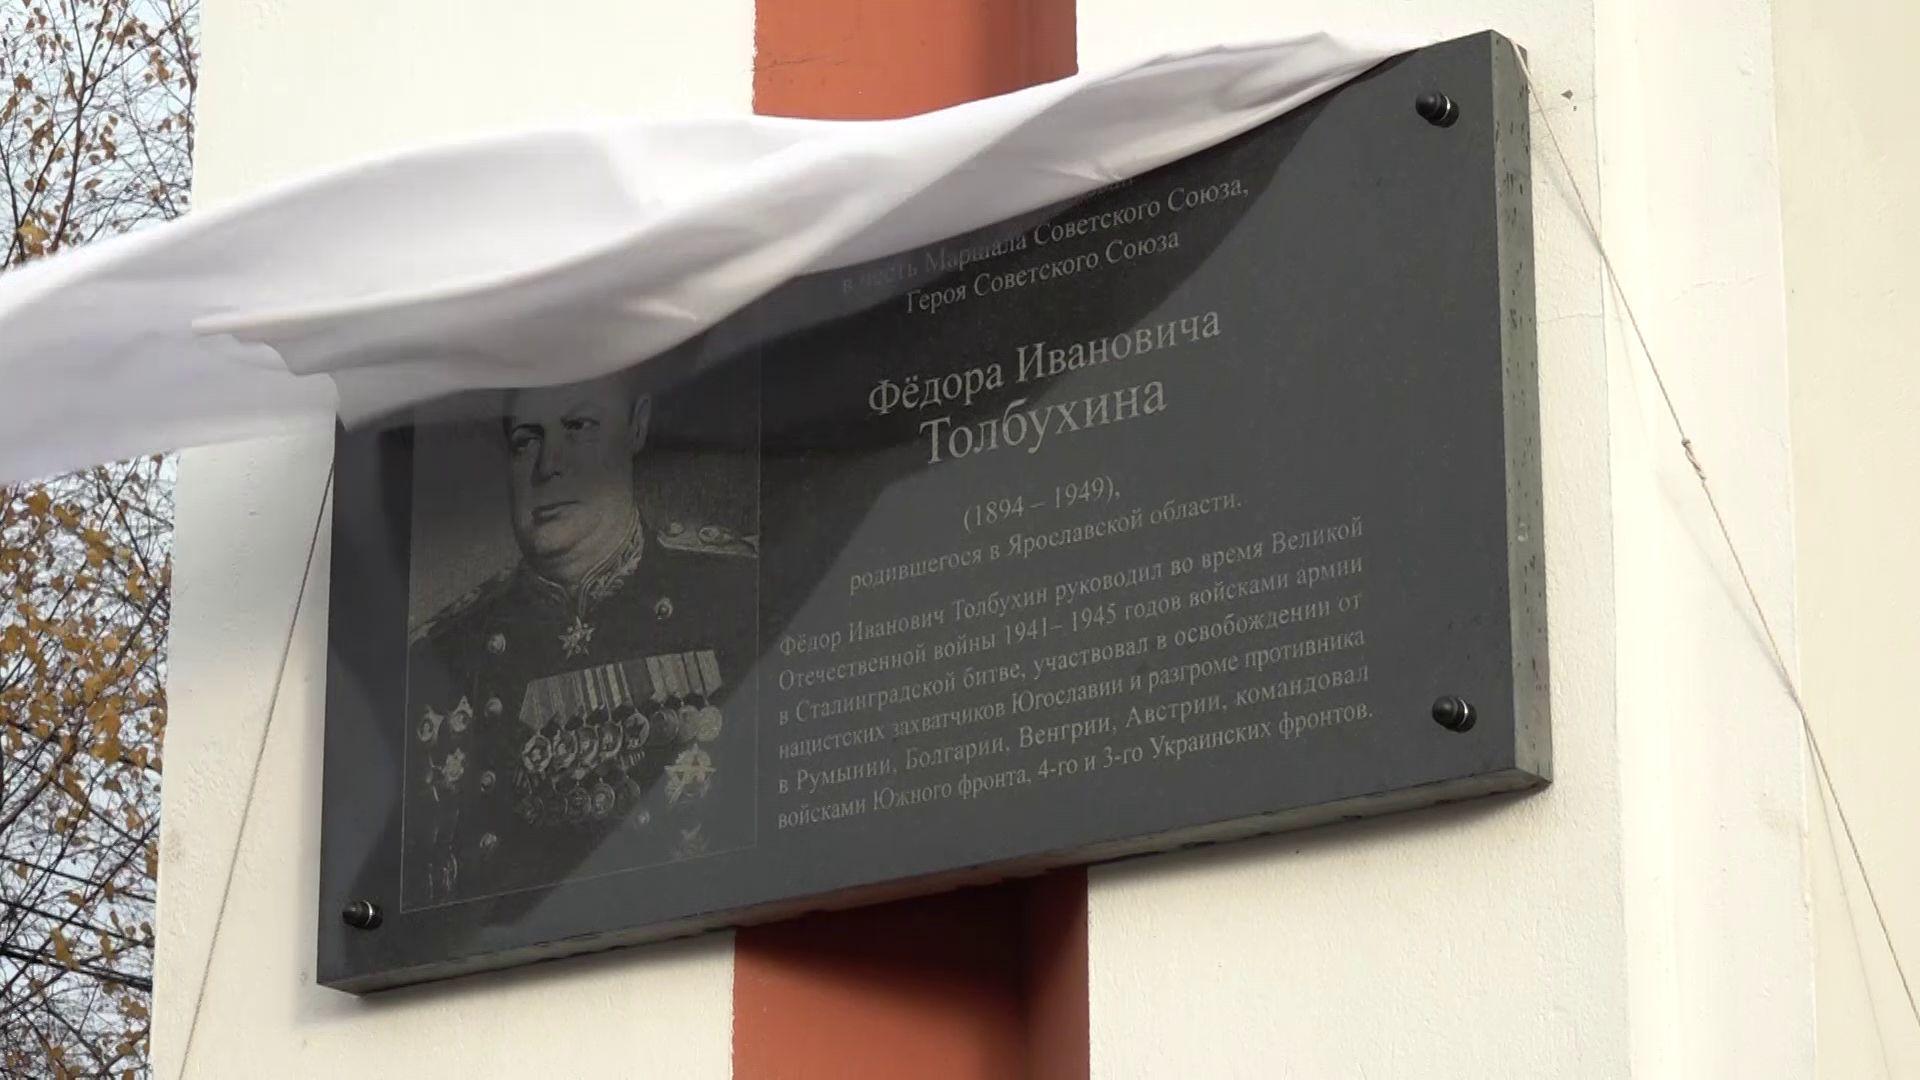 В Ярославле открыли еще один мемориал Федору Толбухину